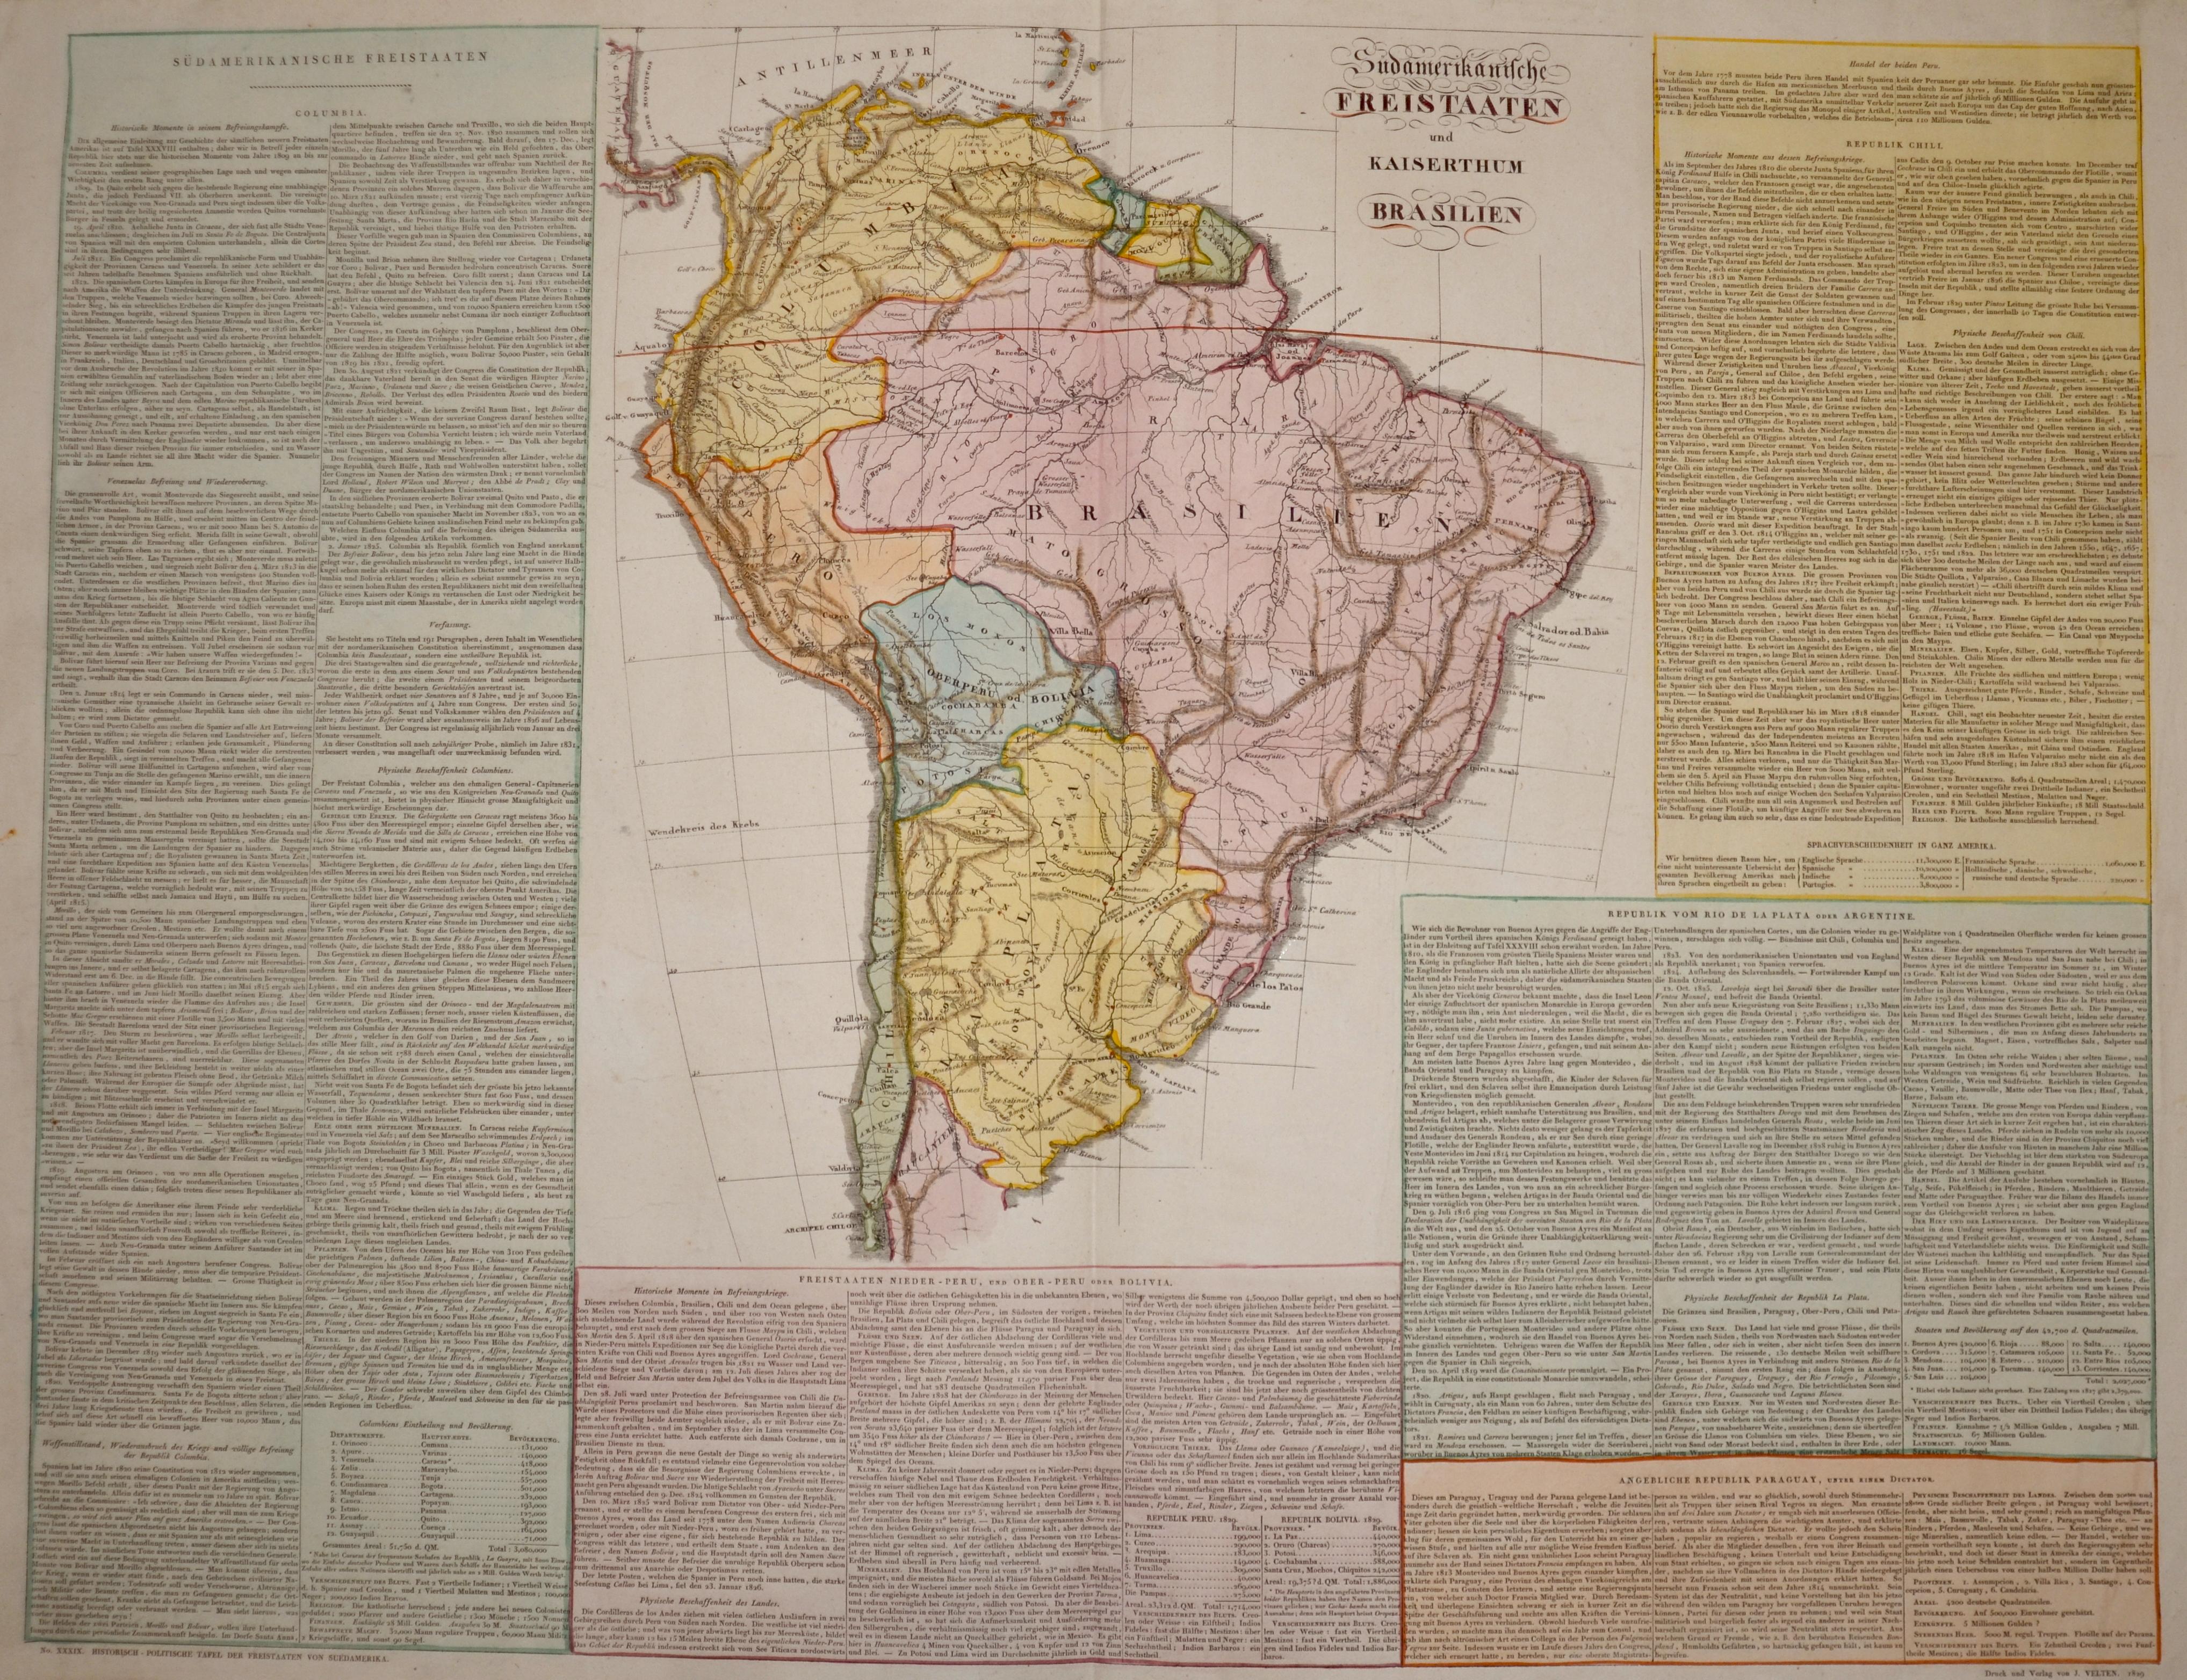 Velten I. Südamerikanische Freistaaten und Kaiserthum Brasilien